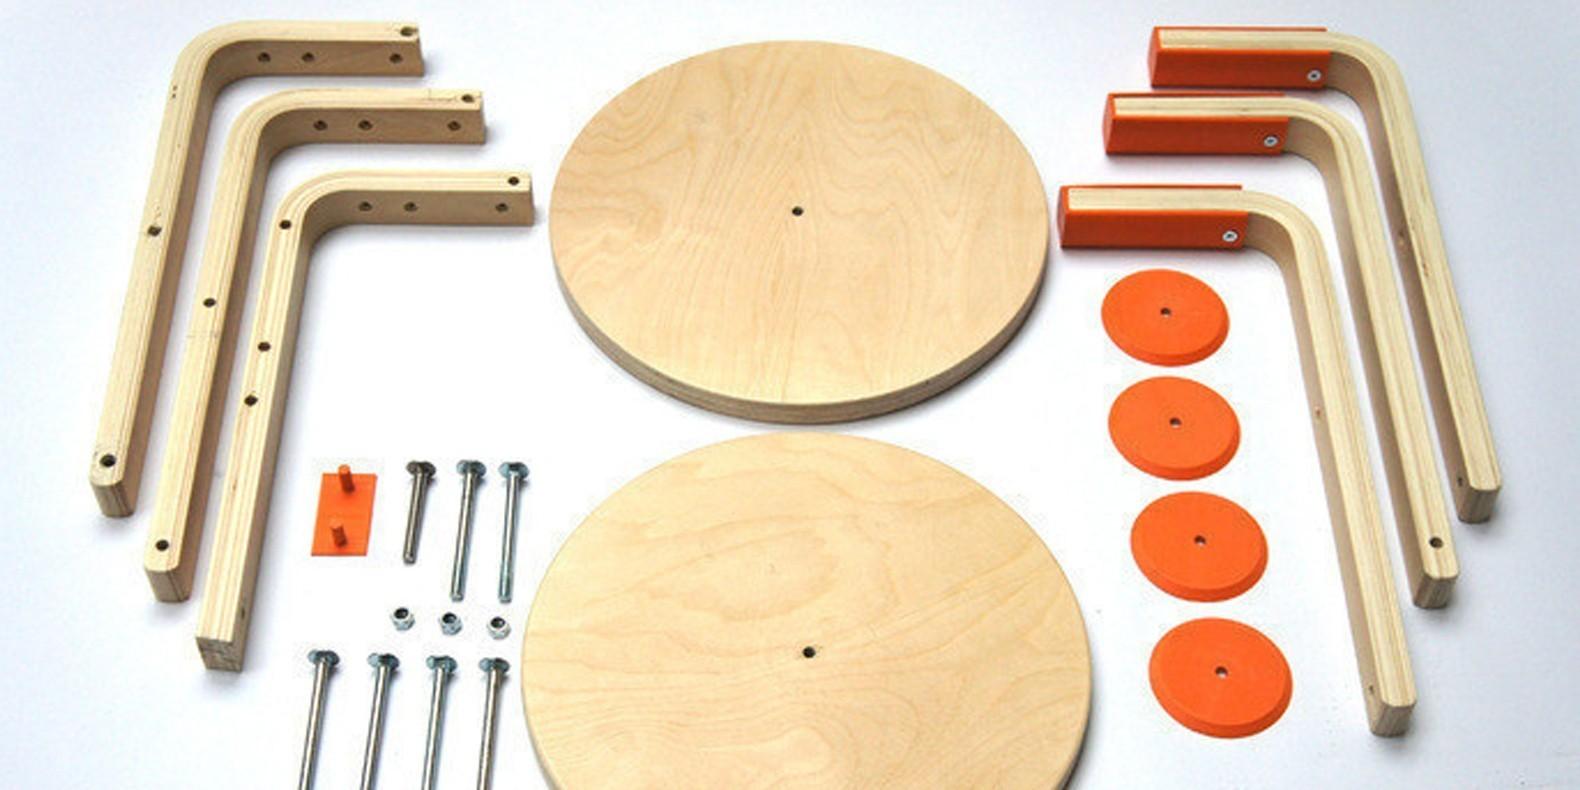 Découvrez dans cette nouvelle collection de modèles 3D tous les fichiers STL d'Ikea Hacks réalisés avec une imprimante 3D.